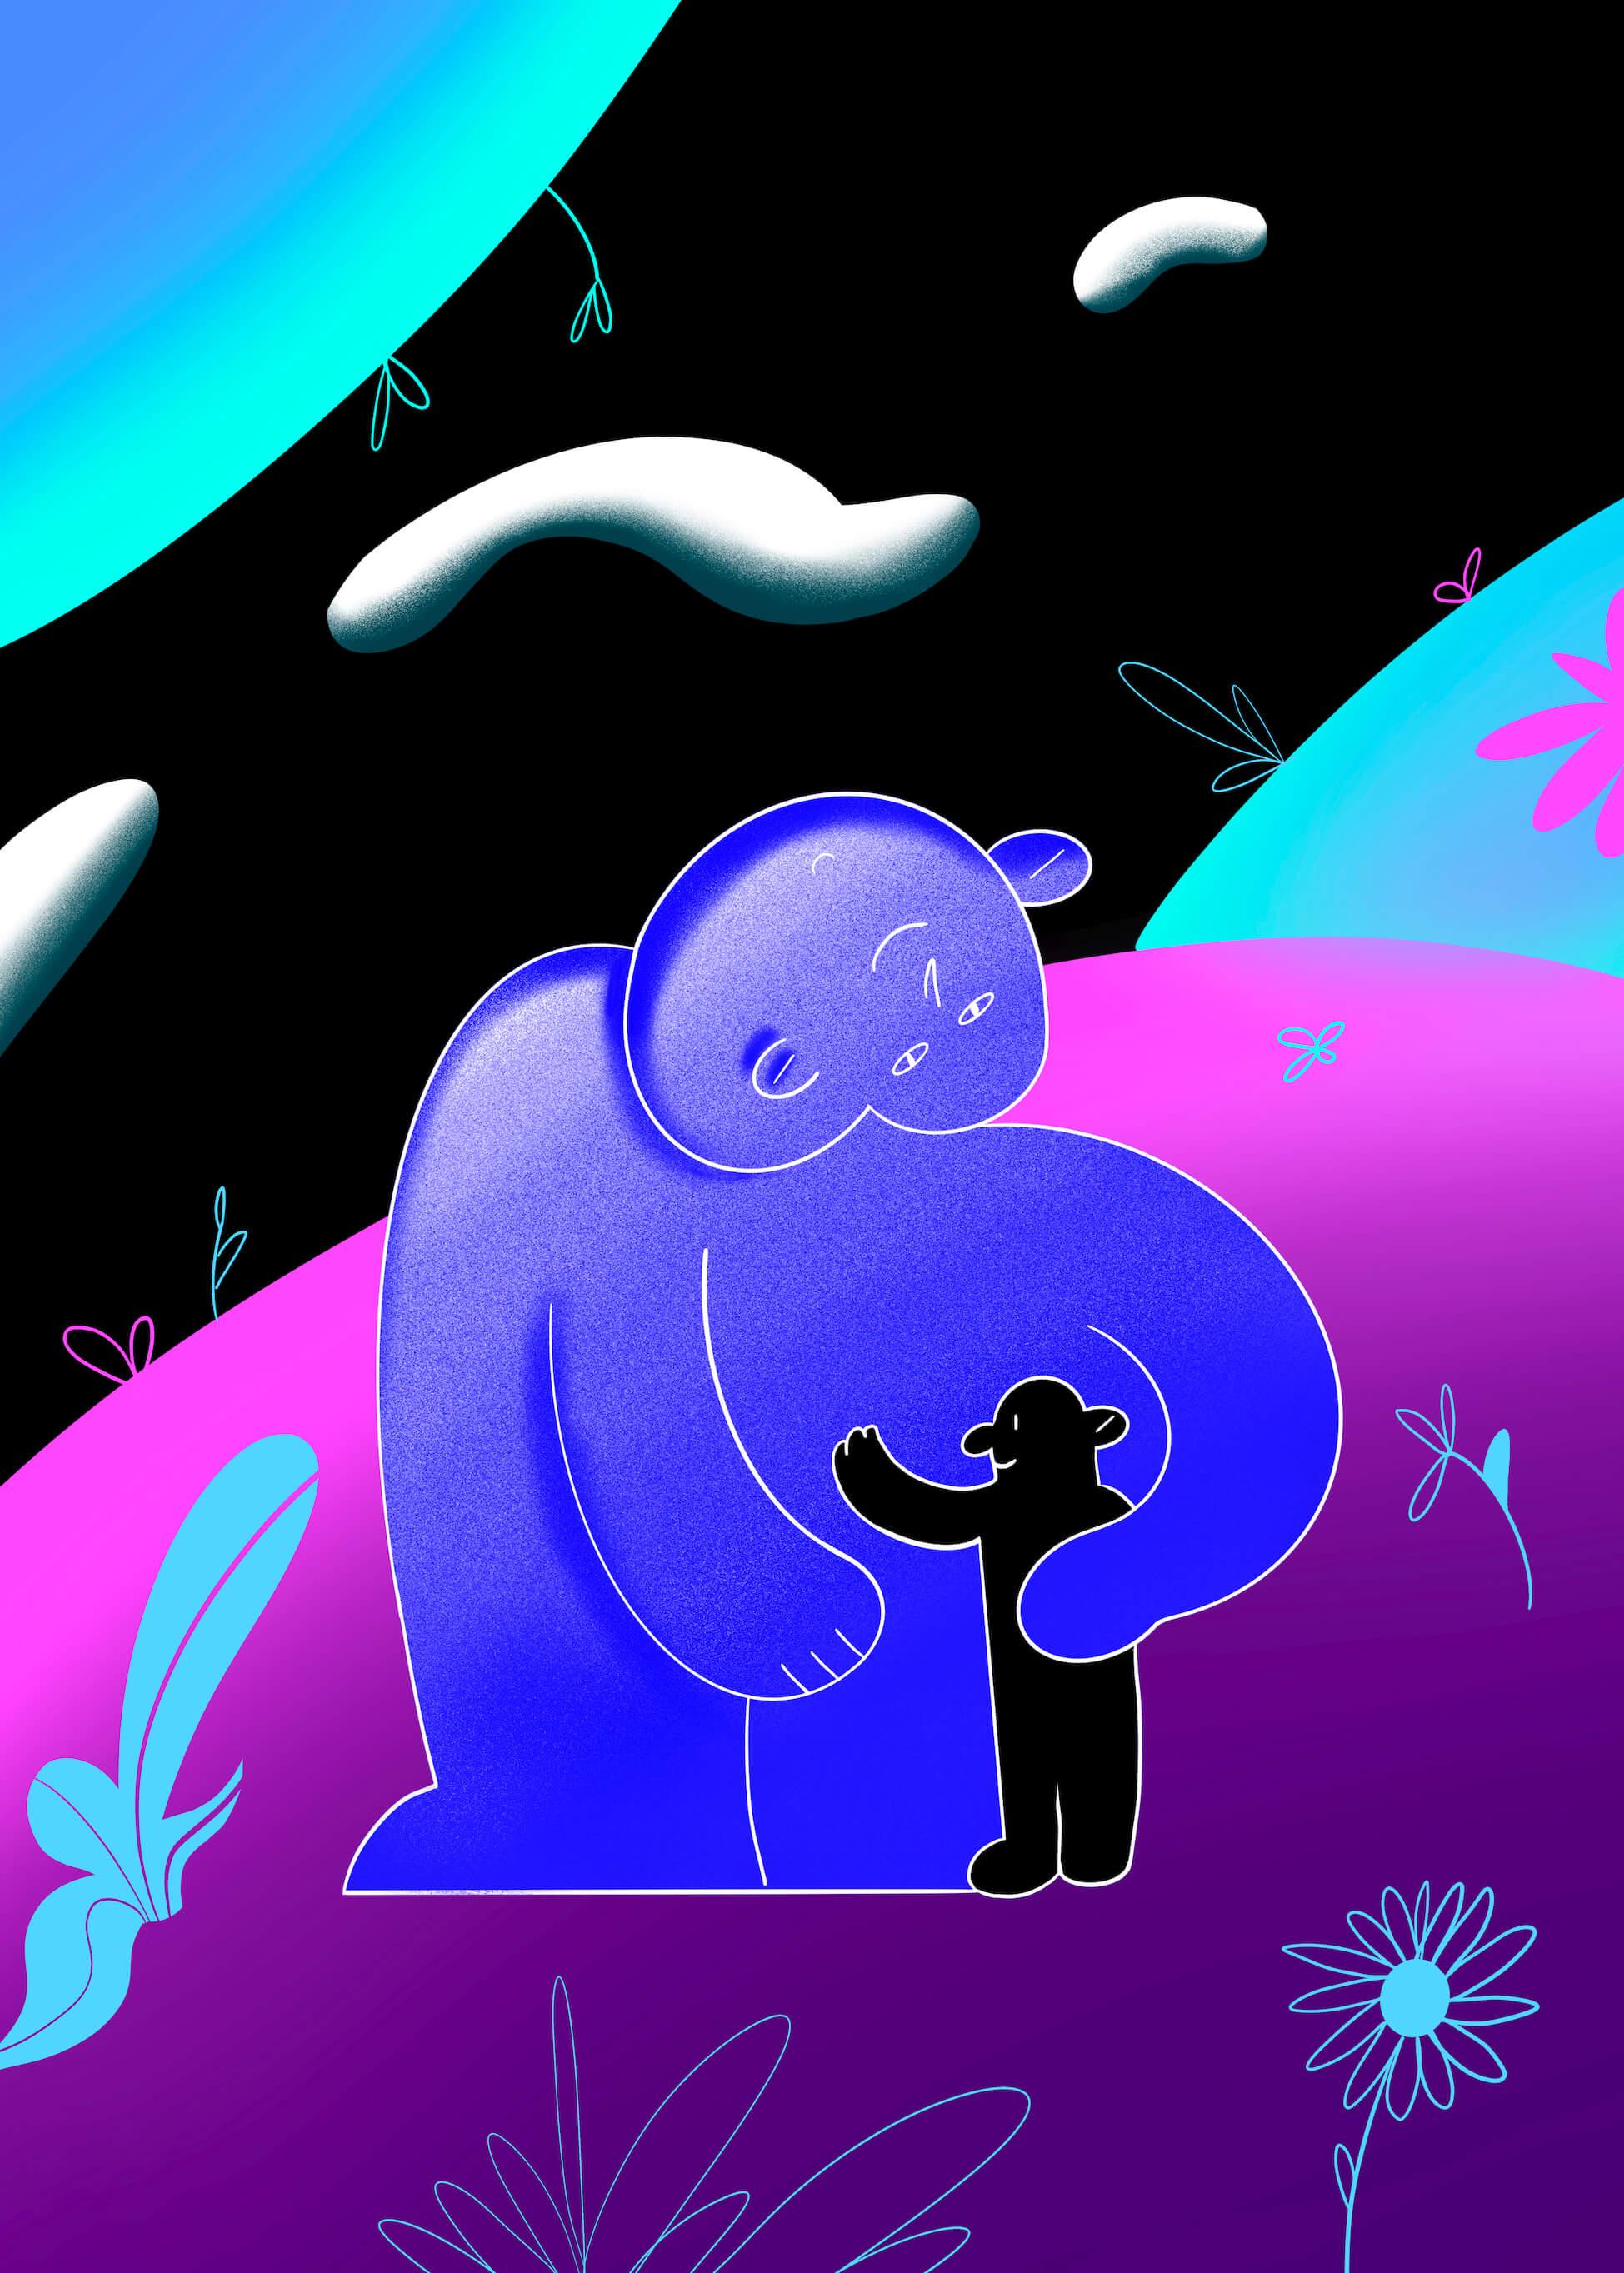 Share A Hug main image